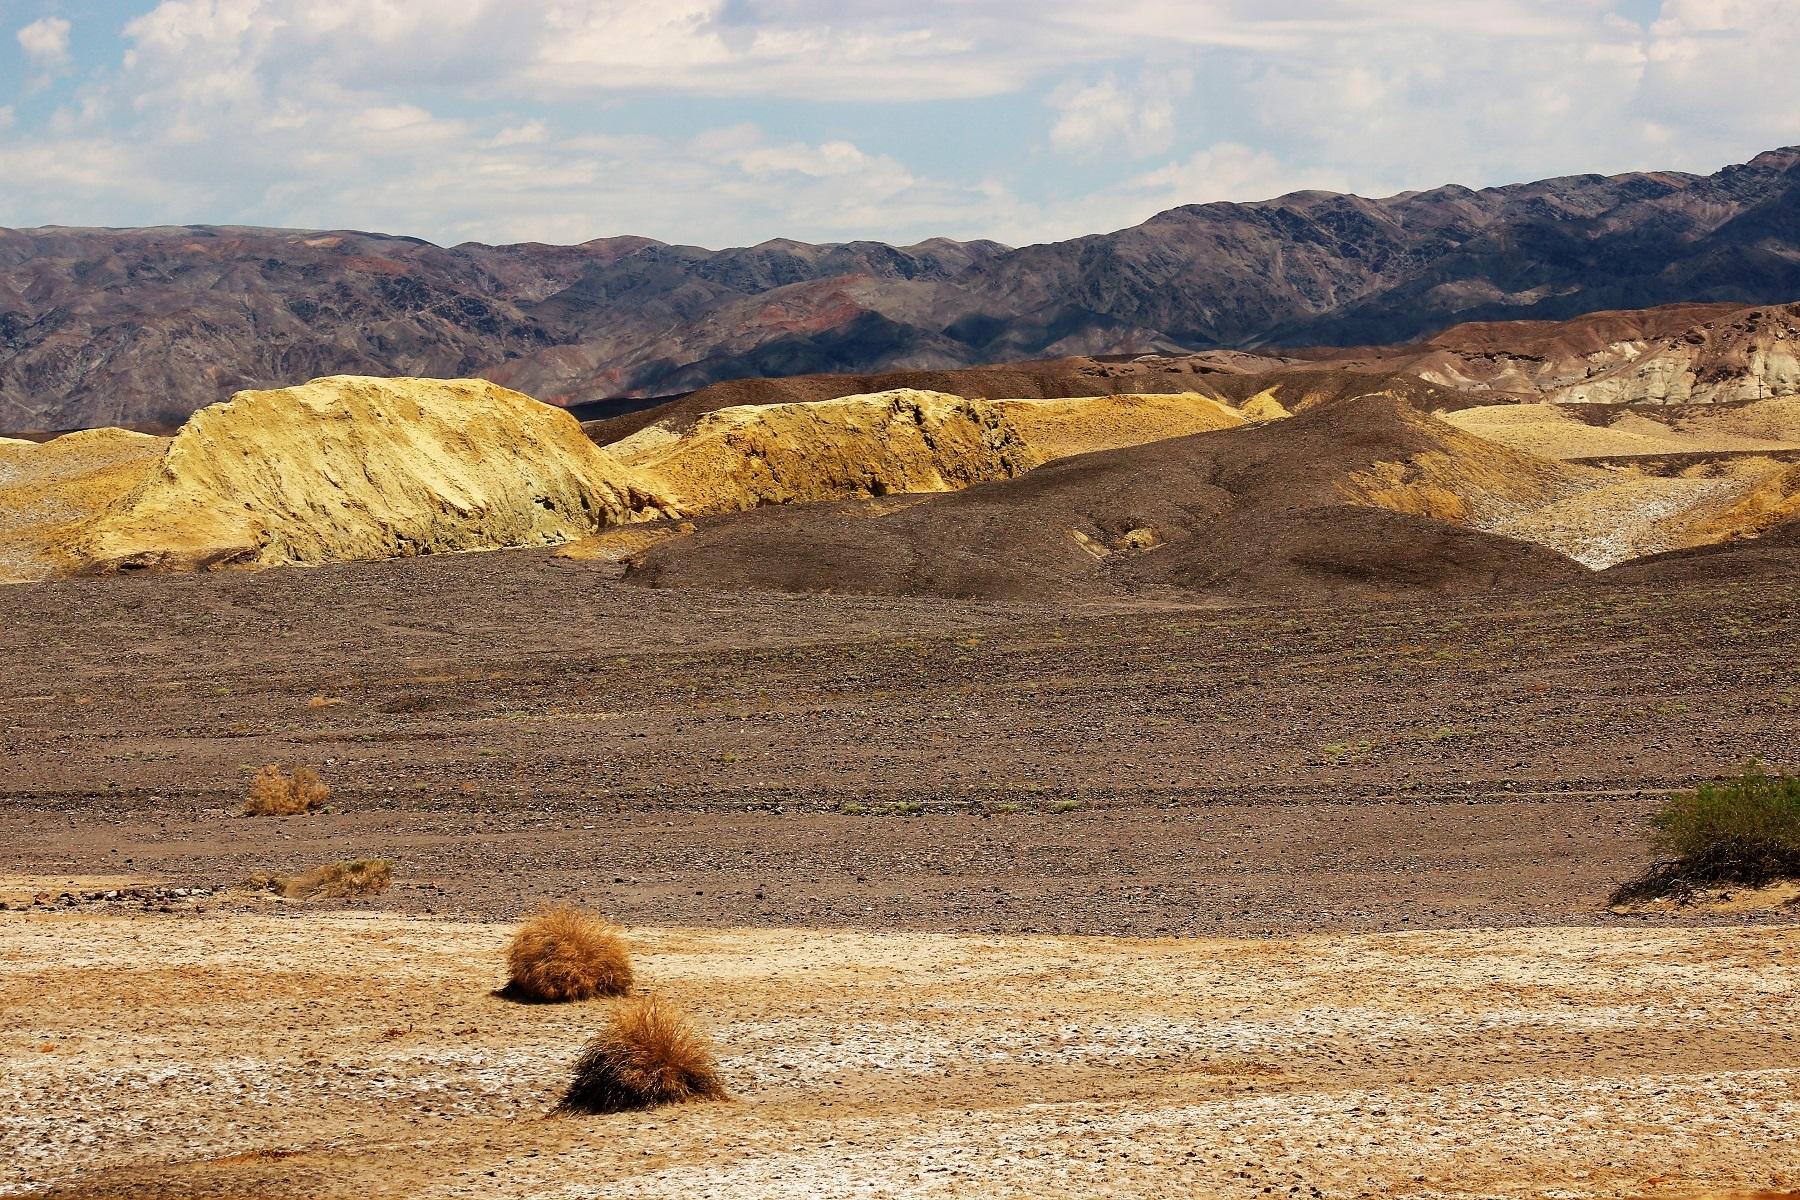 O minério que fez a riqueza dos exploradores do Vale da Morte não foi o ouro, mas o bórax, ou borato de sódio. Foto Carla Lencastre